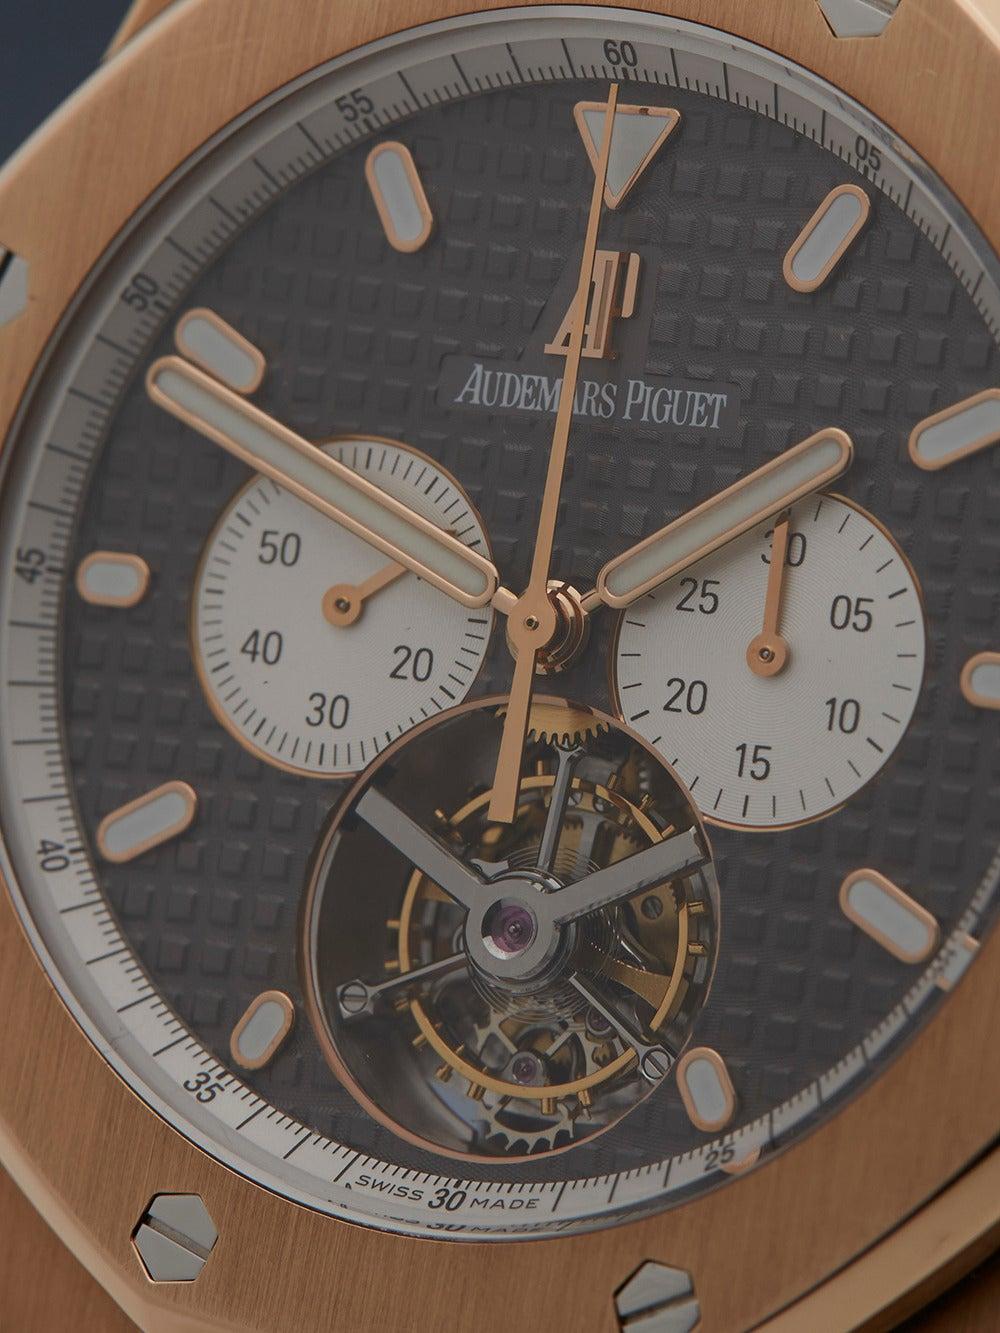 4885dfdfbfb Audemars Piguet Rose Gold Royal Oak XL Tourbillon Wristwatch Ref 25977 In  Excellent Condition For Sale